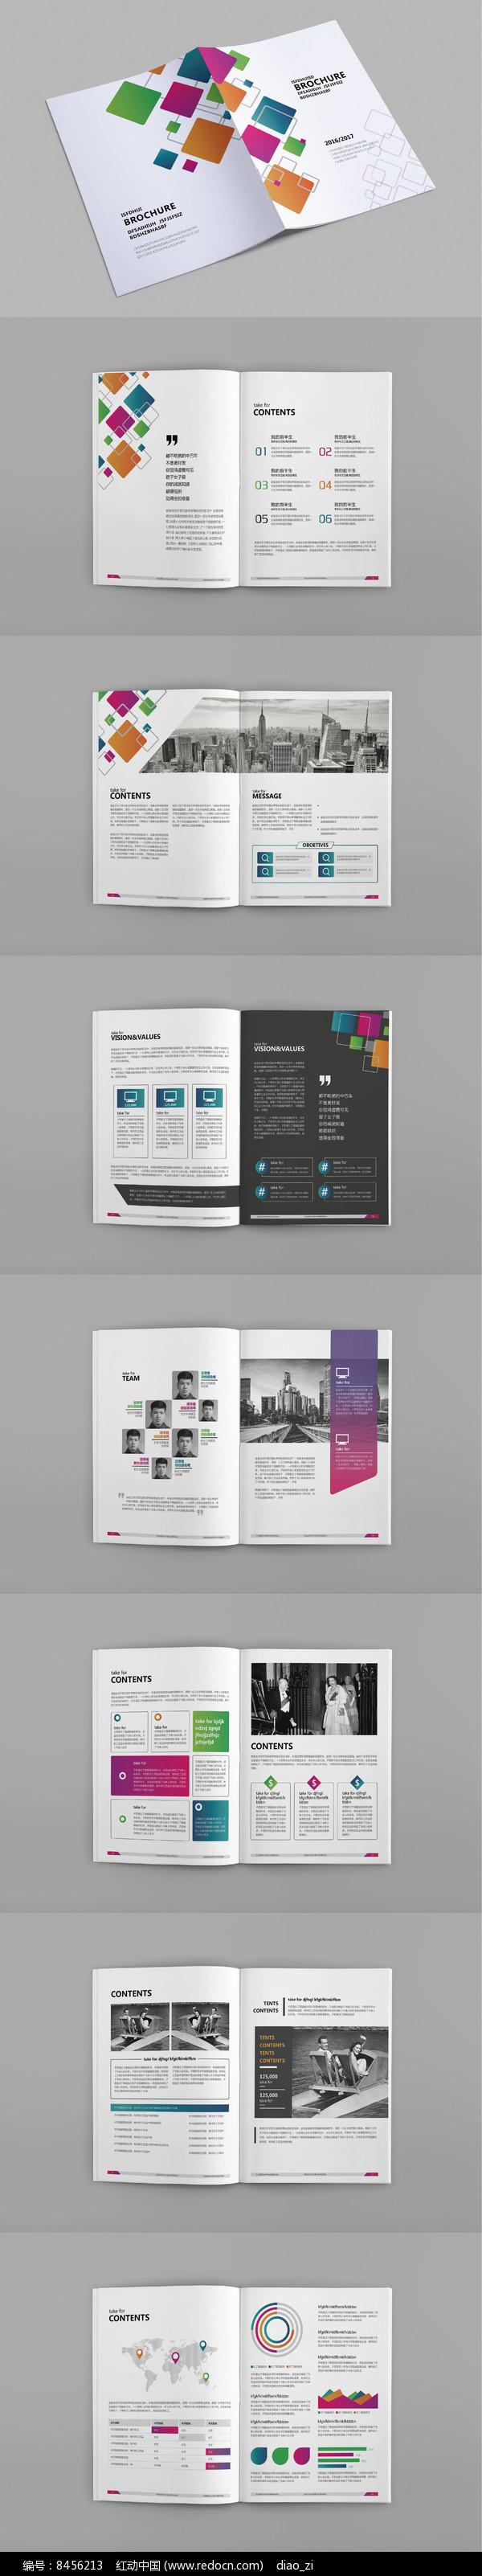 企业宣传册版式设计图片